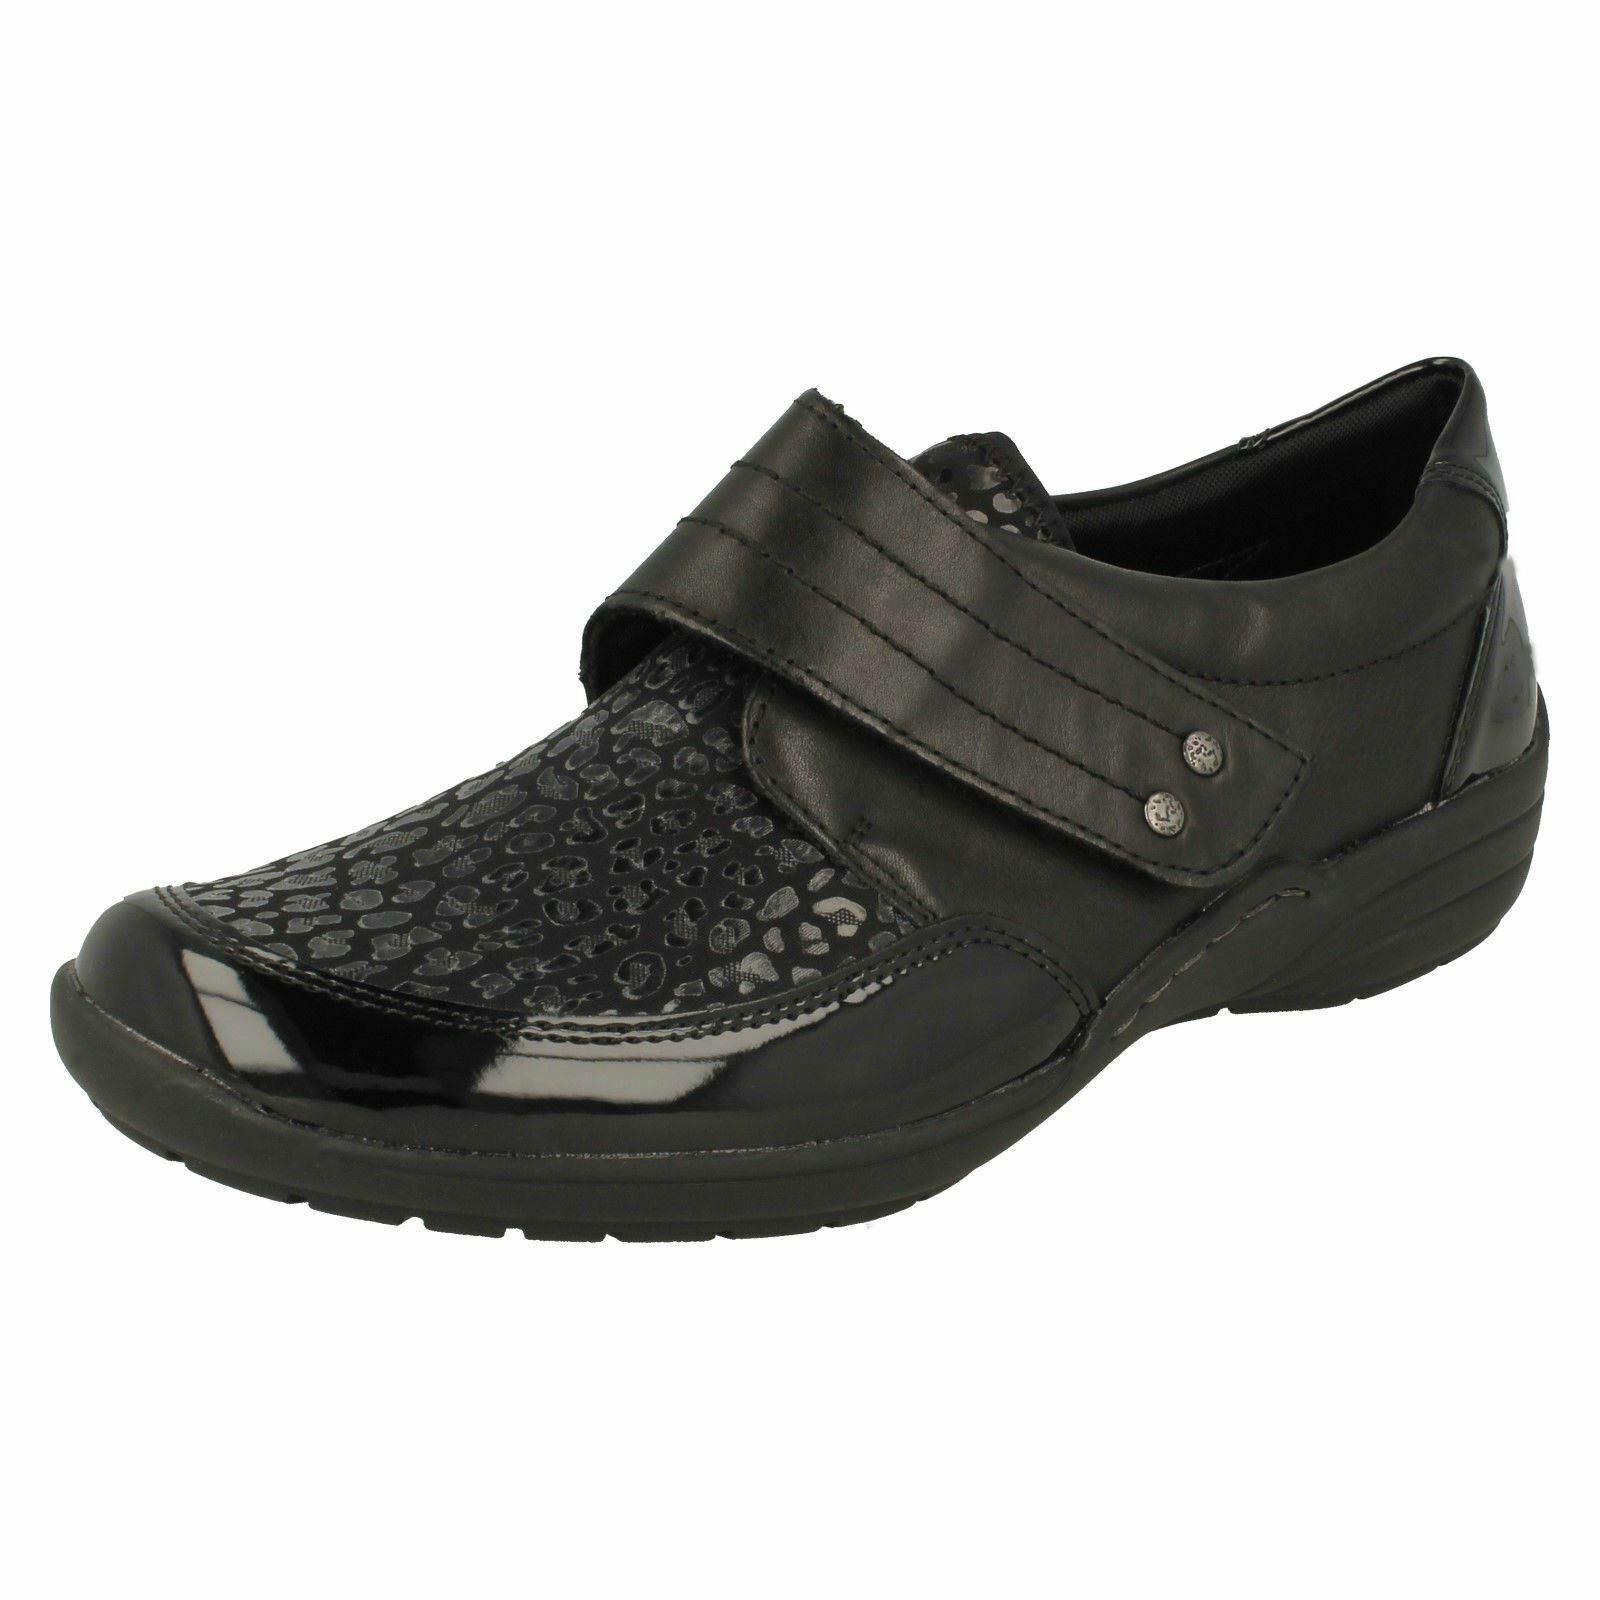 Ladies Remonte nero Leather  Rem -Strap Casual scarpe Dimensione r7632  autorizzazione